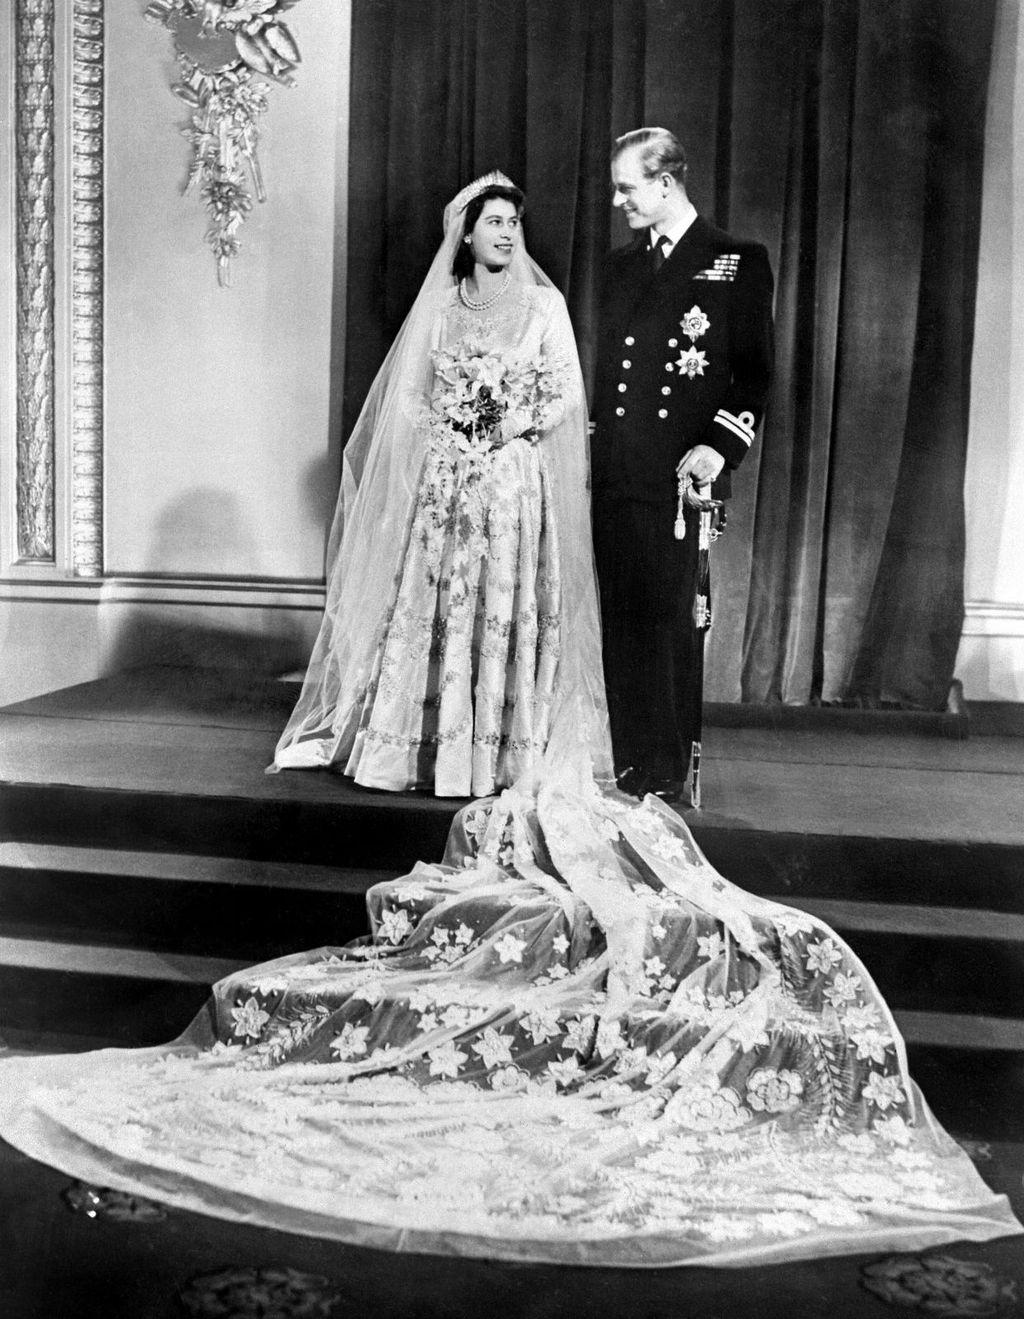 Vjenčanje Elizabete II.